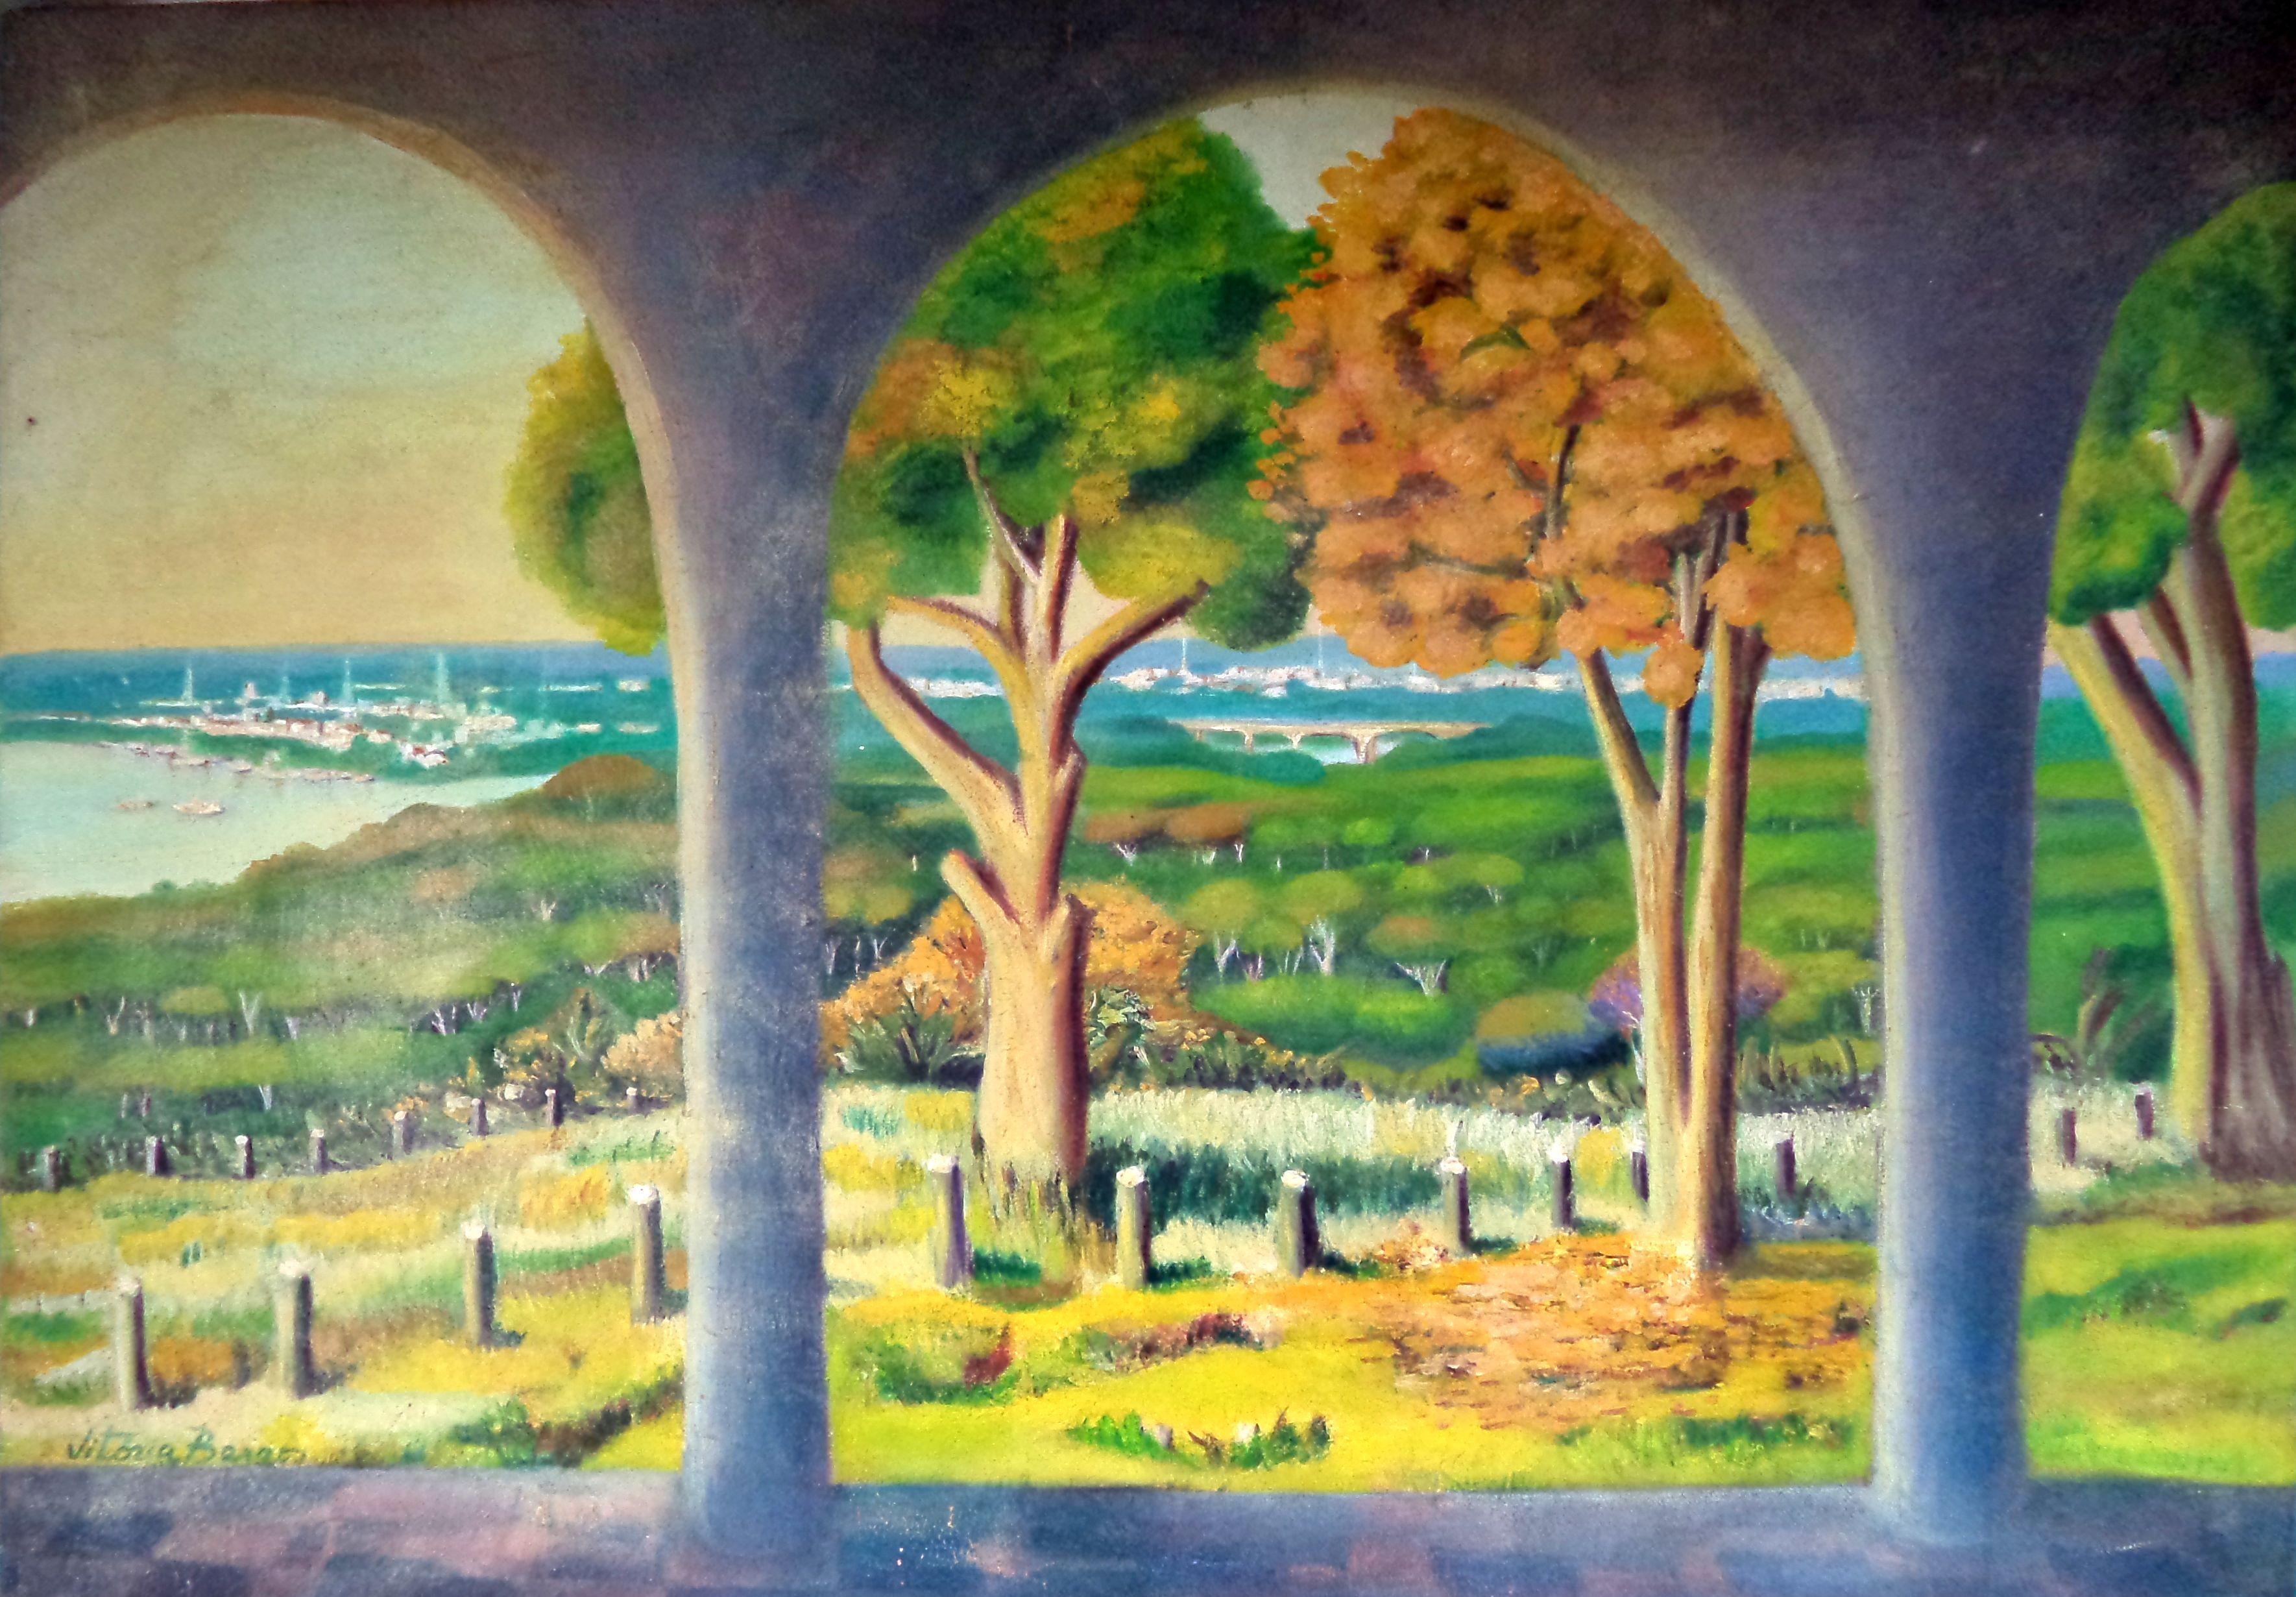 Vitoria_Barros_-_Guará,1999._Pintura_a_óleo,_70x50